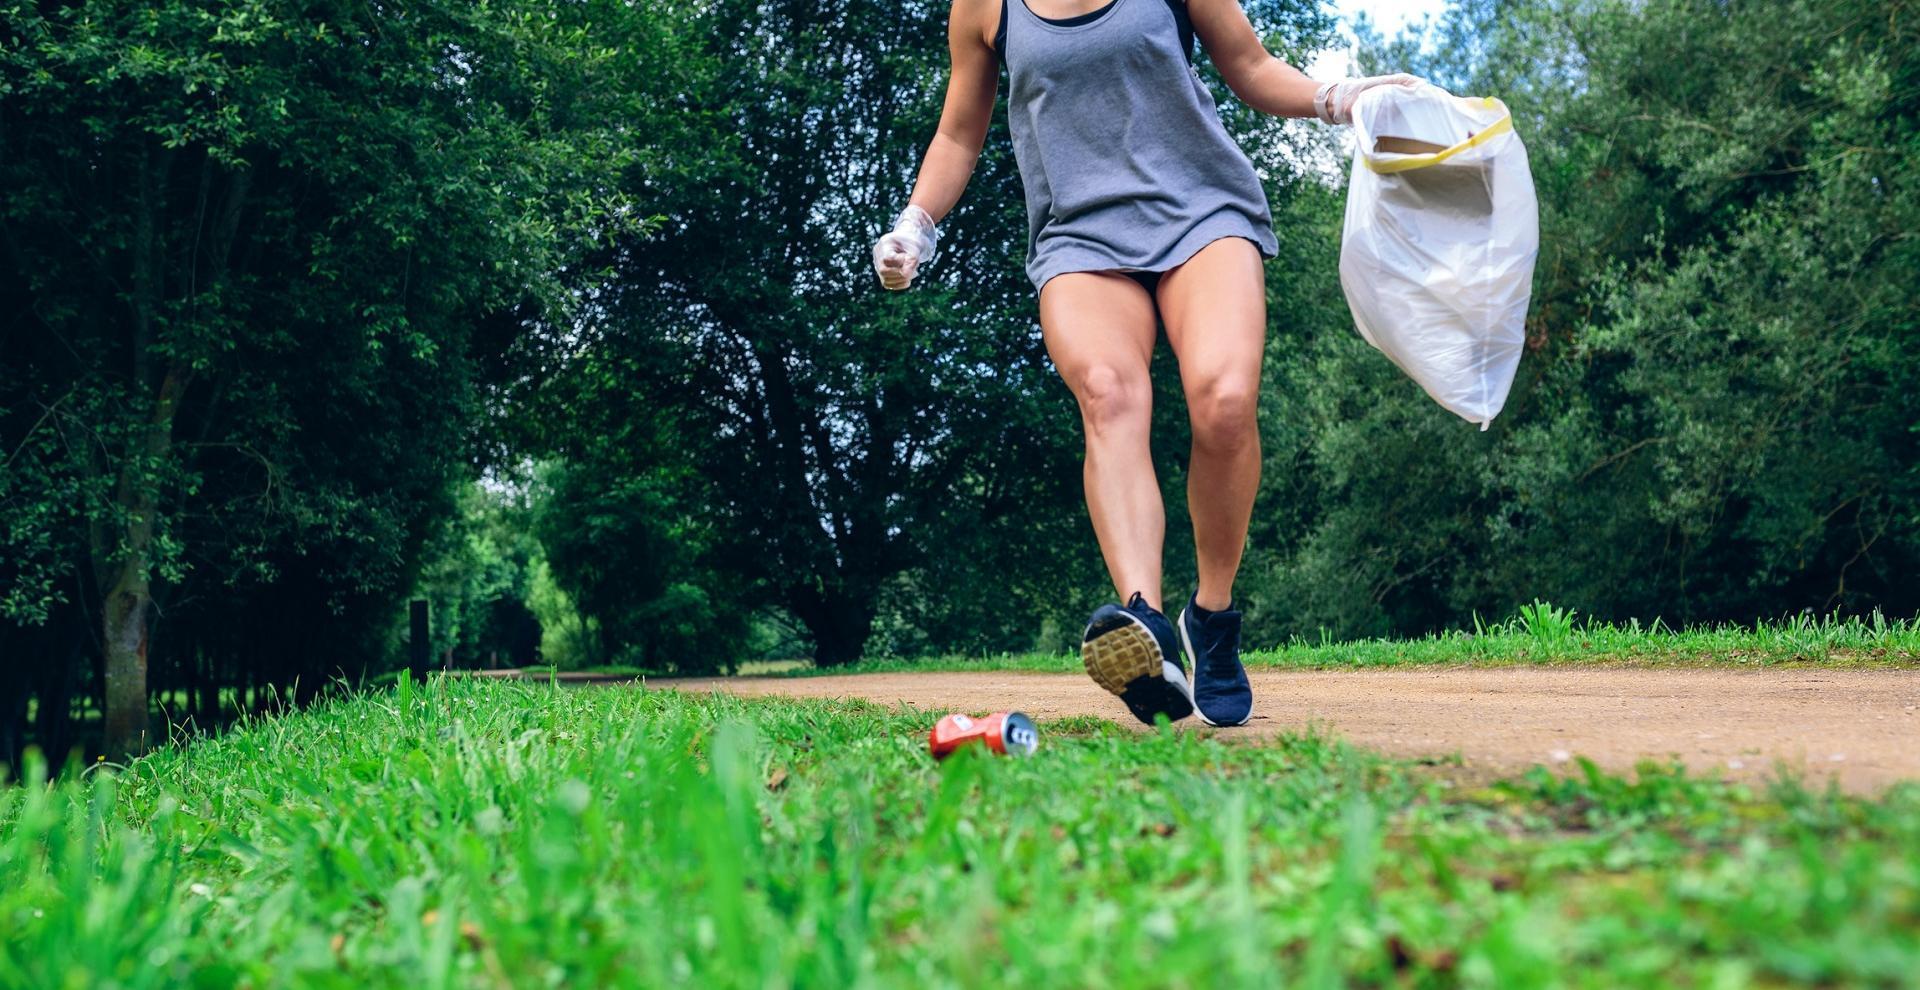 Une femme court et ramasse des déchets dans la nature